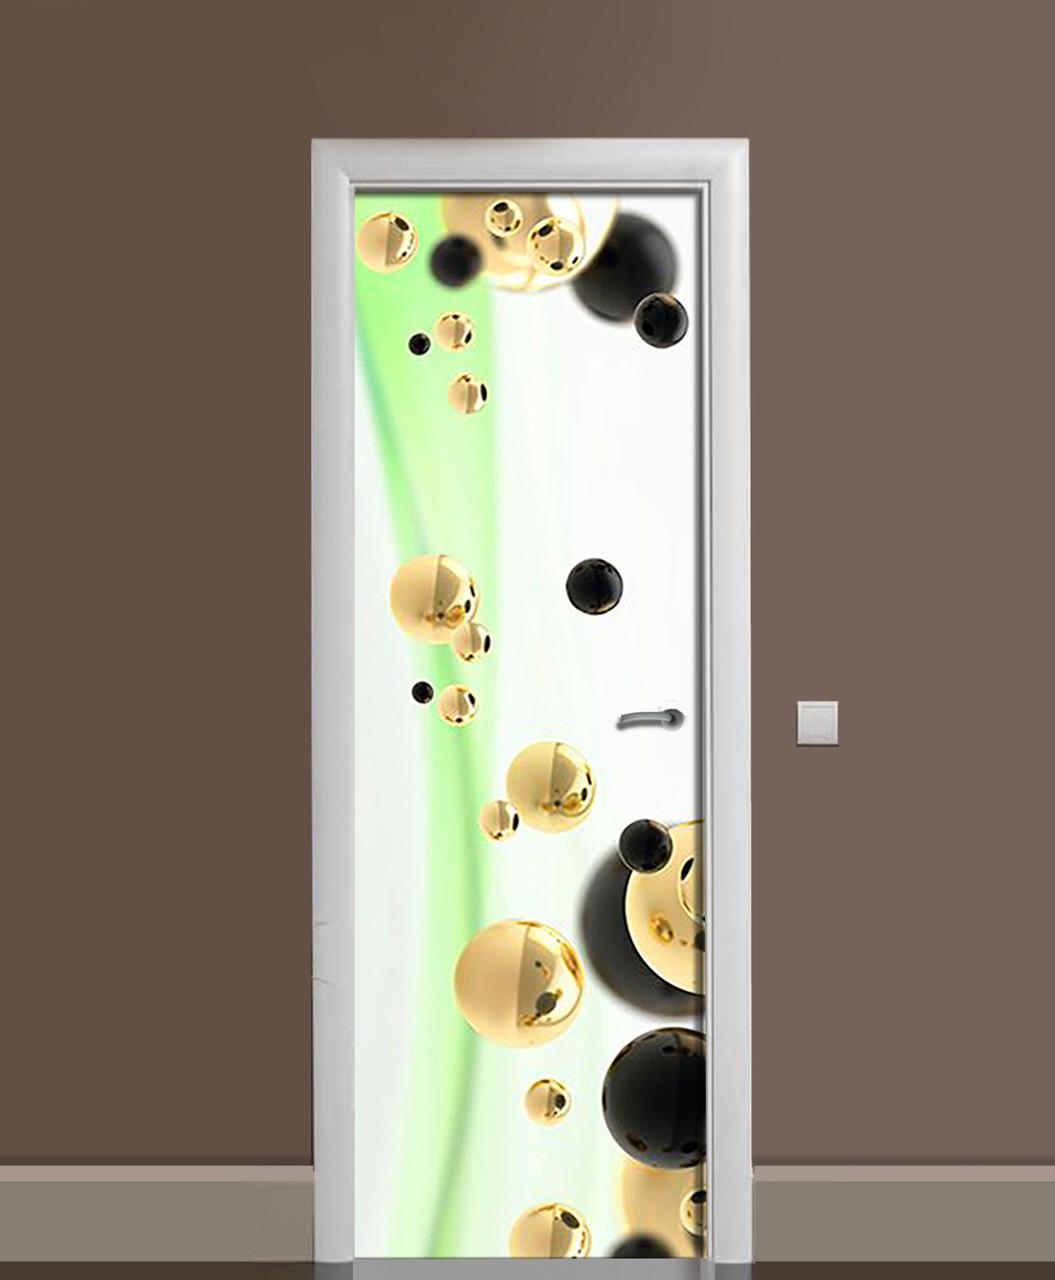 Наклейка на двери Жидкое золото виниловая пленка ламинированная ПВХ сферы шары Абстракция Зеленый 650*2000 мм